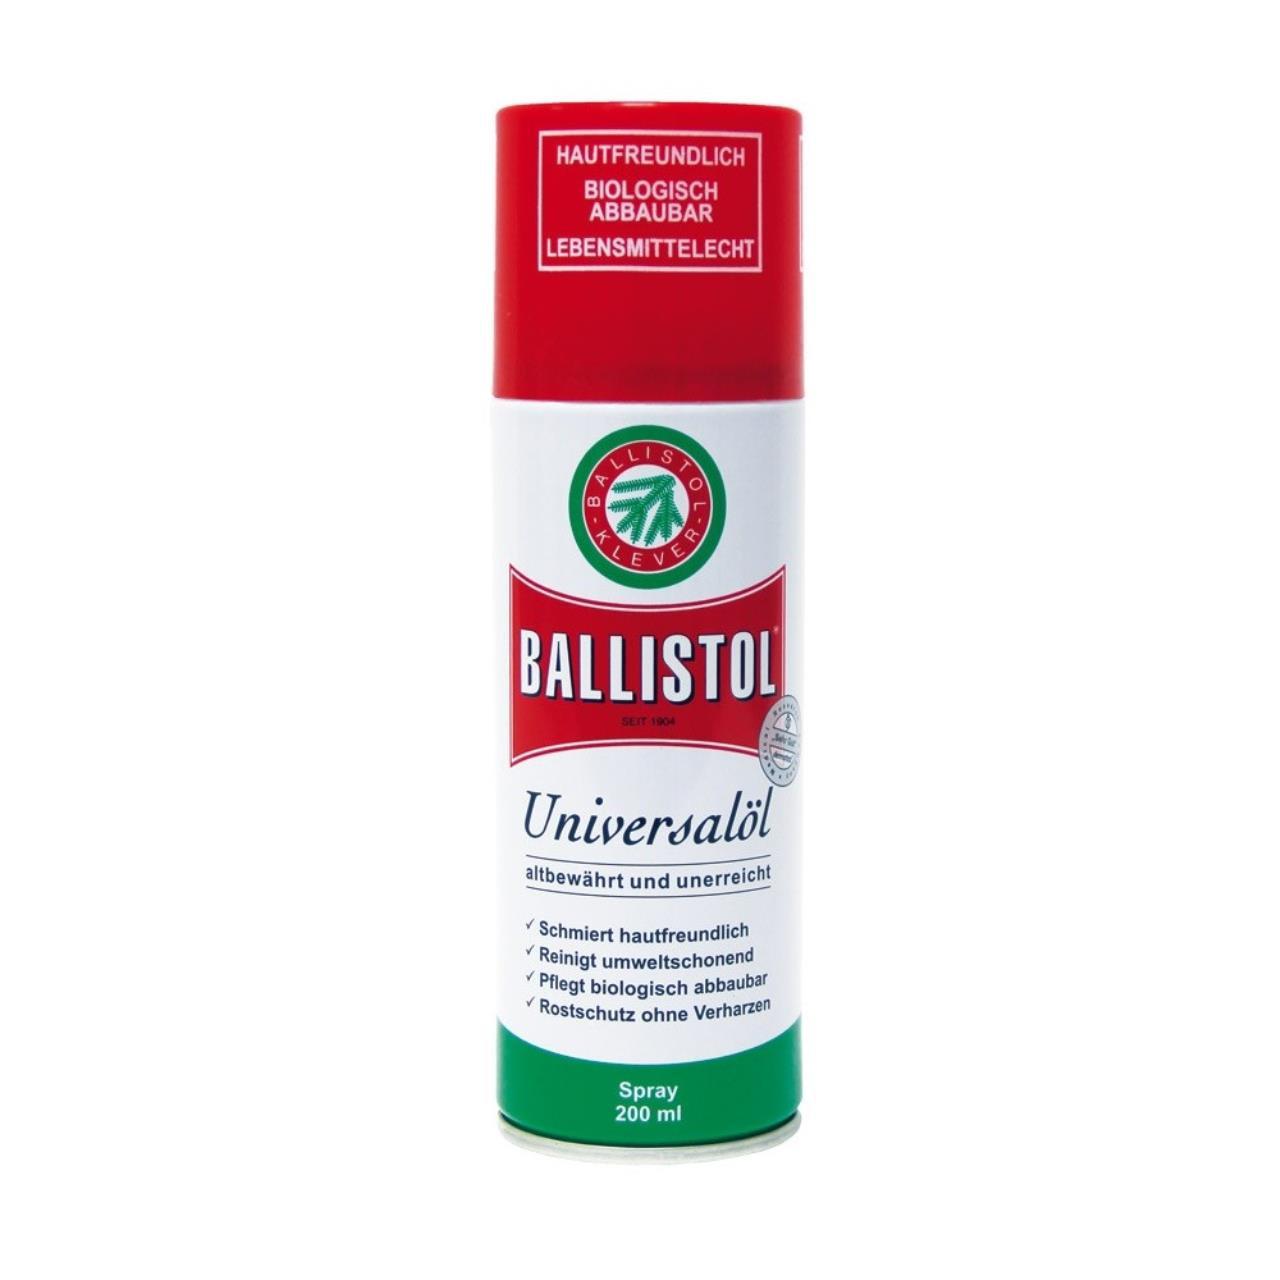 Ballistol Spray 200 ml.